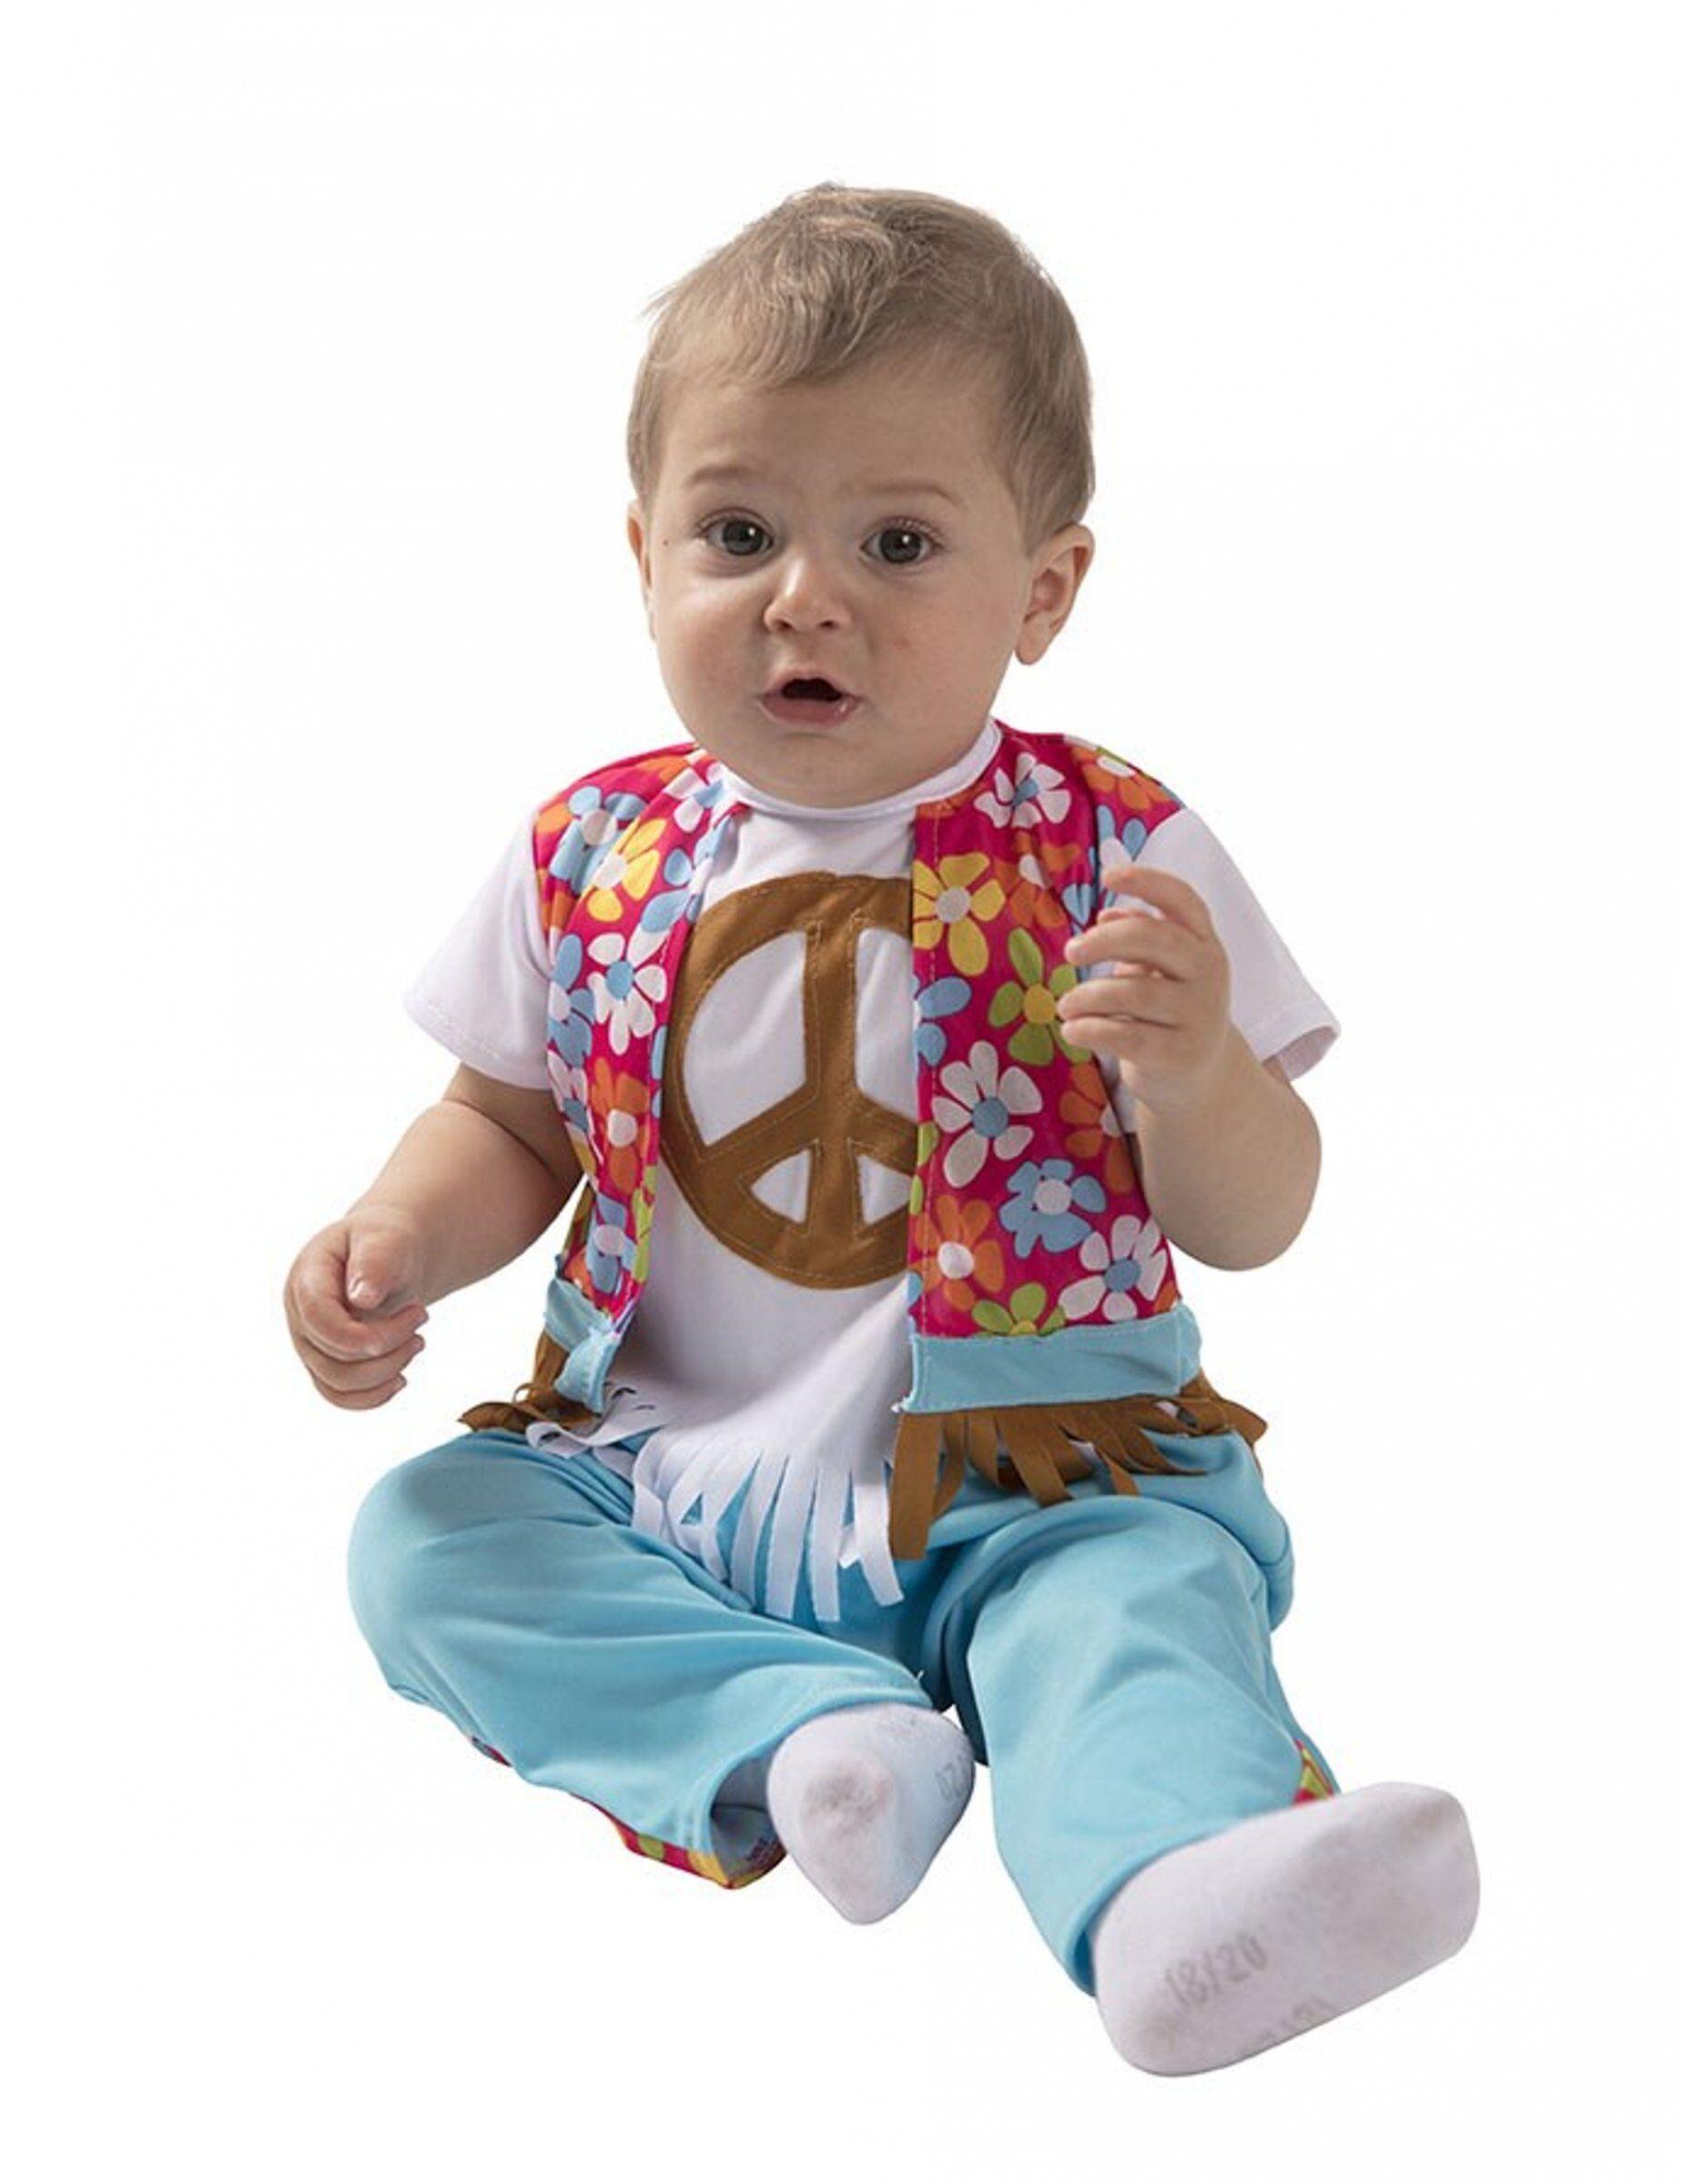 Deguisetoi Déguisement petit hippie bébé - Taille: 6 à 12 mois (67-69 cm)